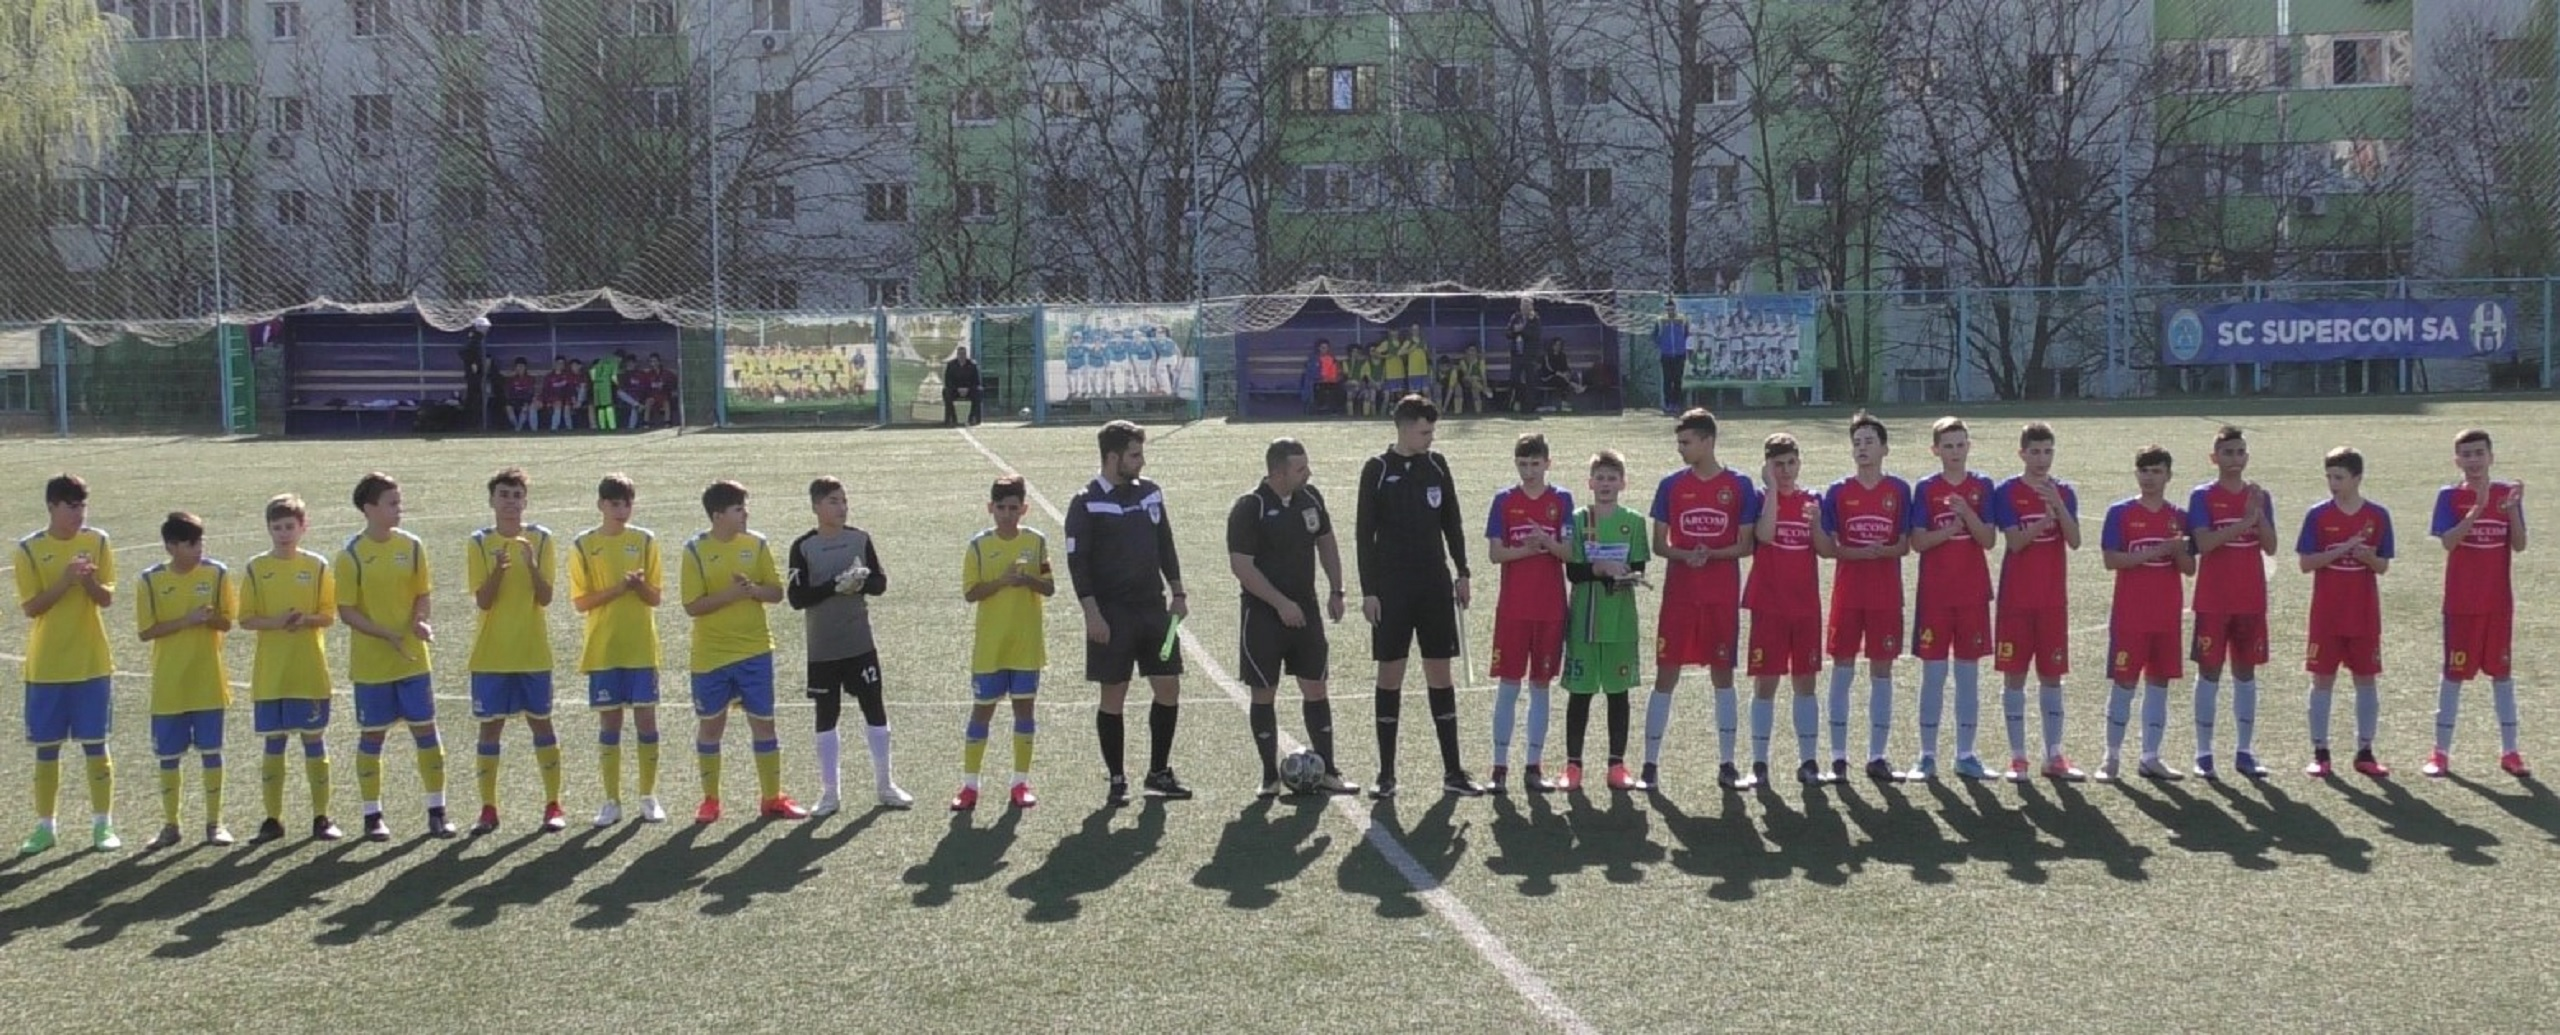 Juniori U14 AMFB – Set alb pentru FCSB Academy!